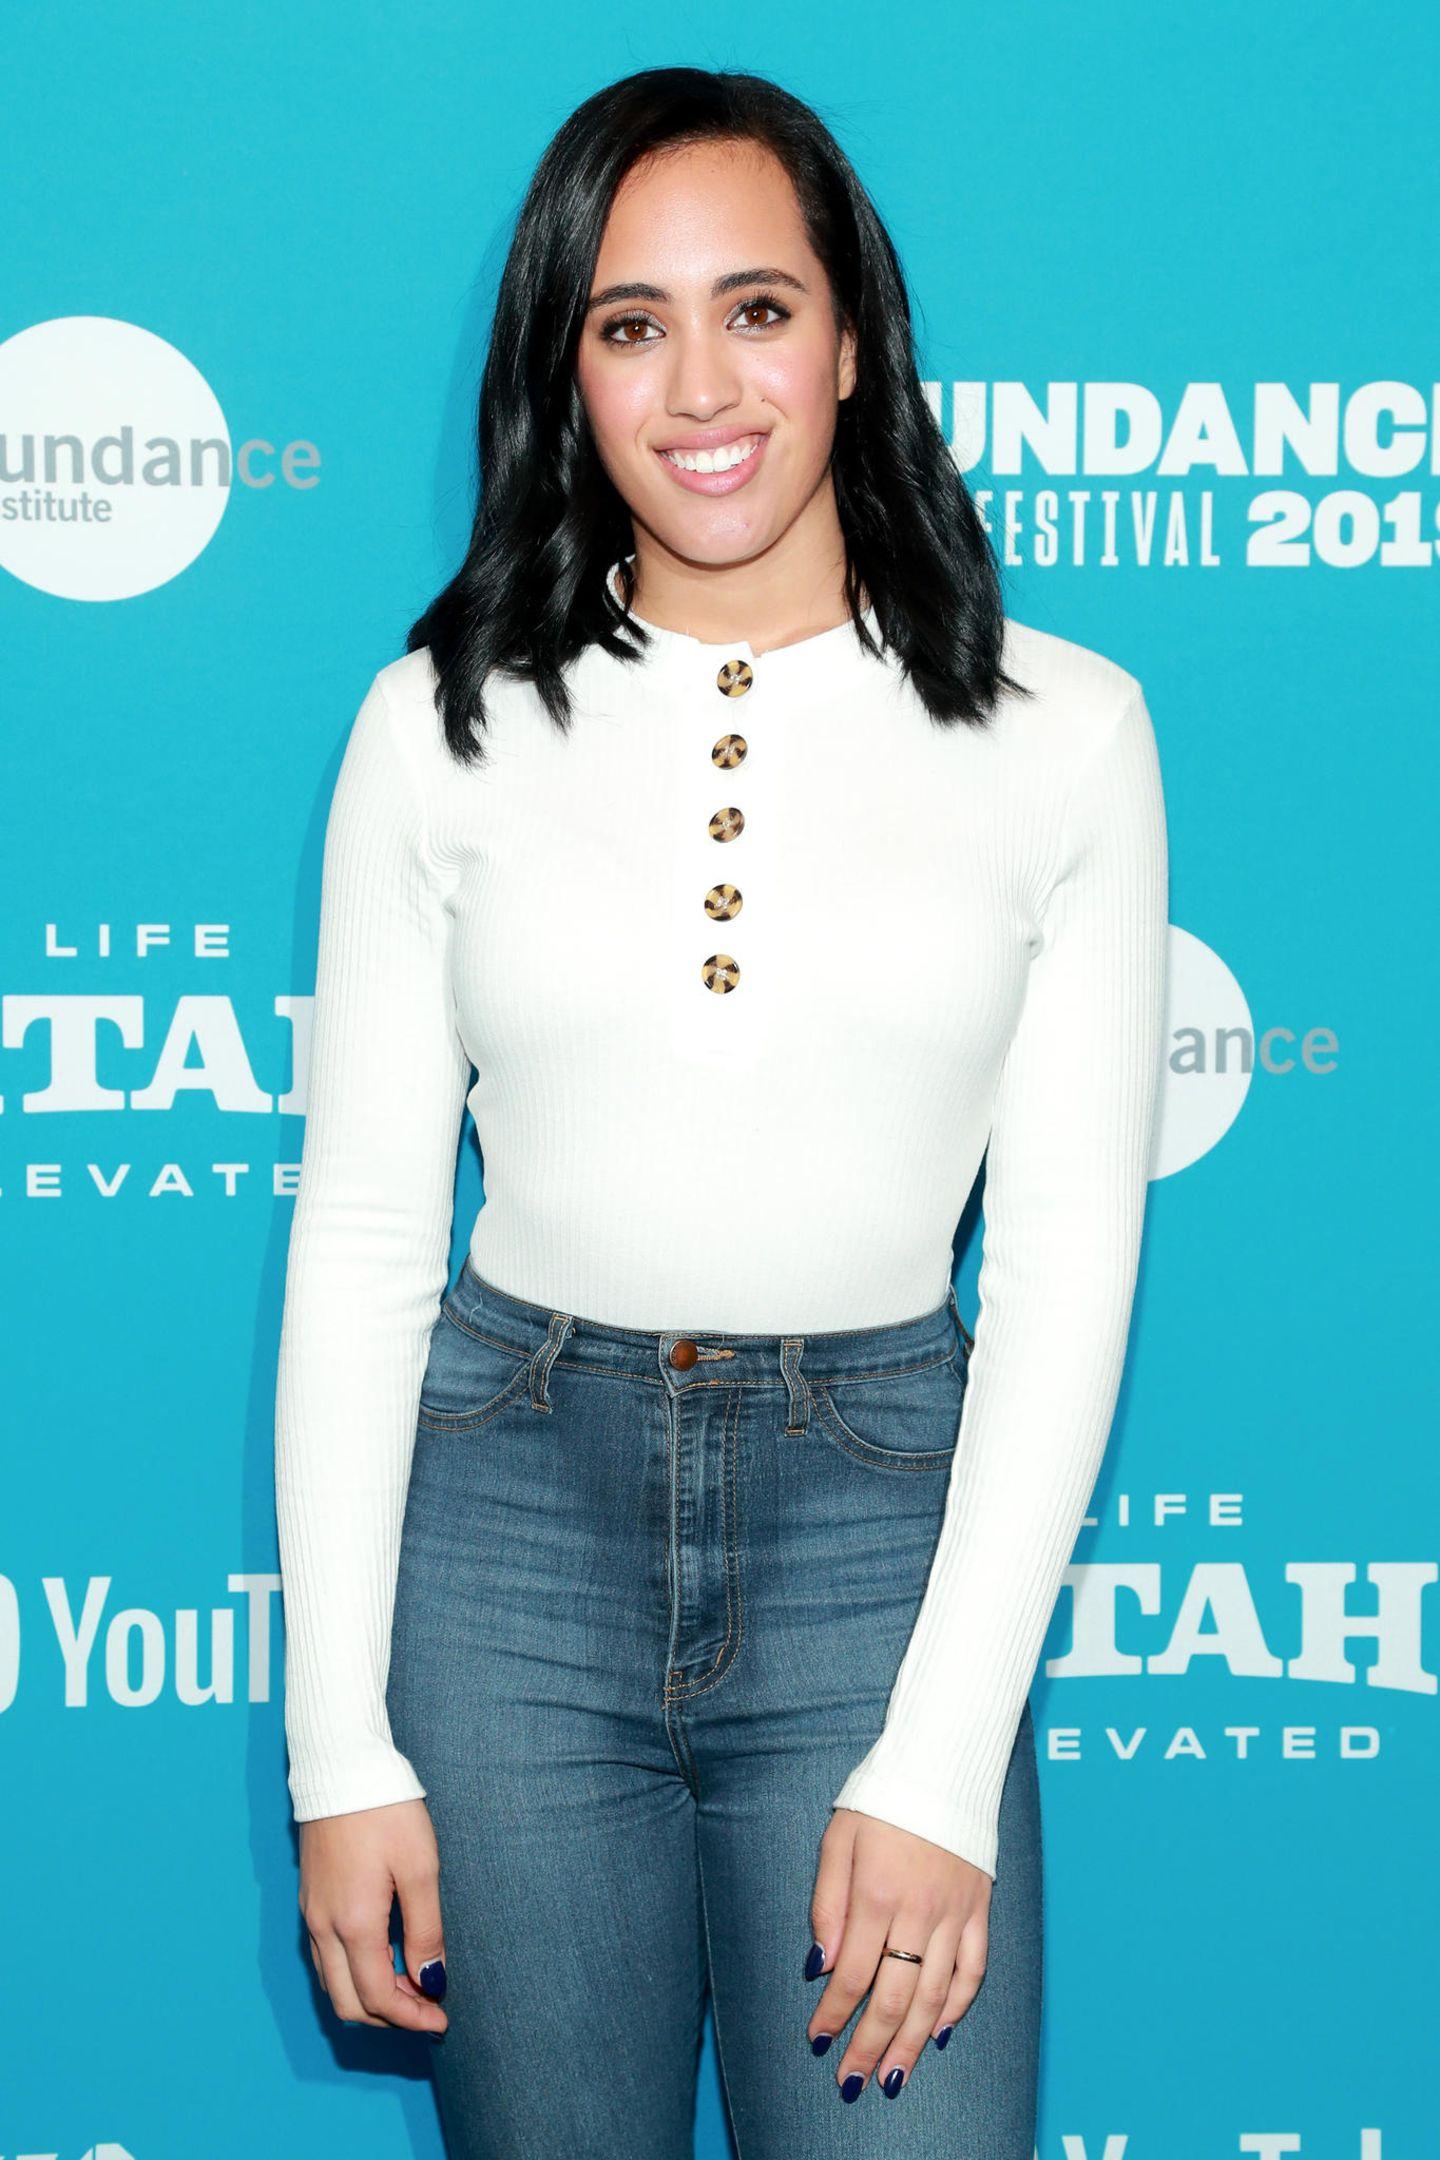 """Bei einem Red-Carpet-Auftritt während des """"Sundance Film Festivals"""" 2019 zeigt sich Simone als junge, erwachsene Frau. Papa Dwayne Johnson darf ruhig stolz auf seine hübsche Tochter sein."""